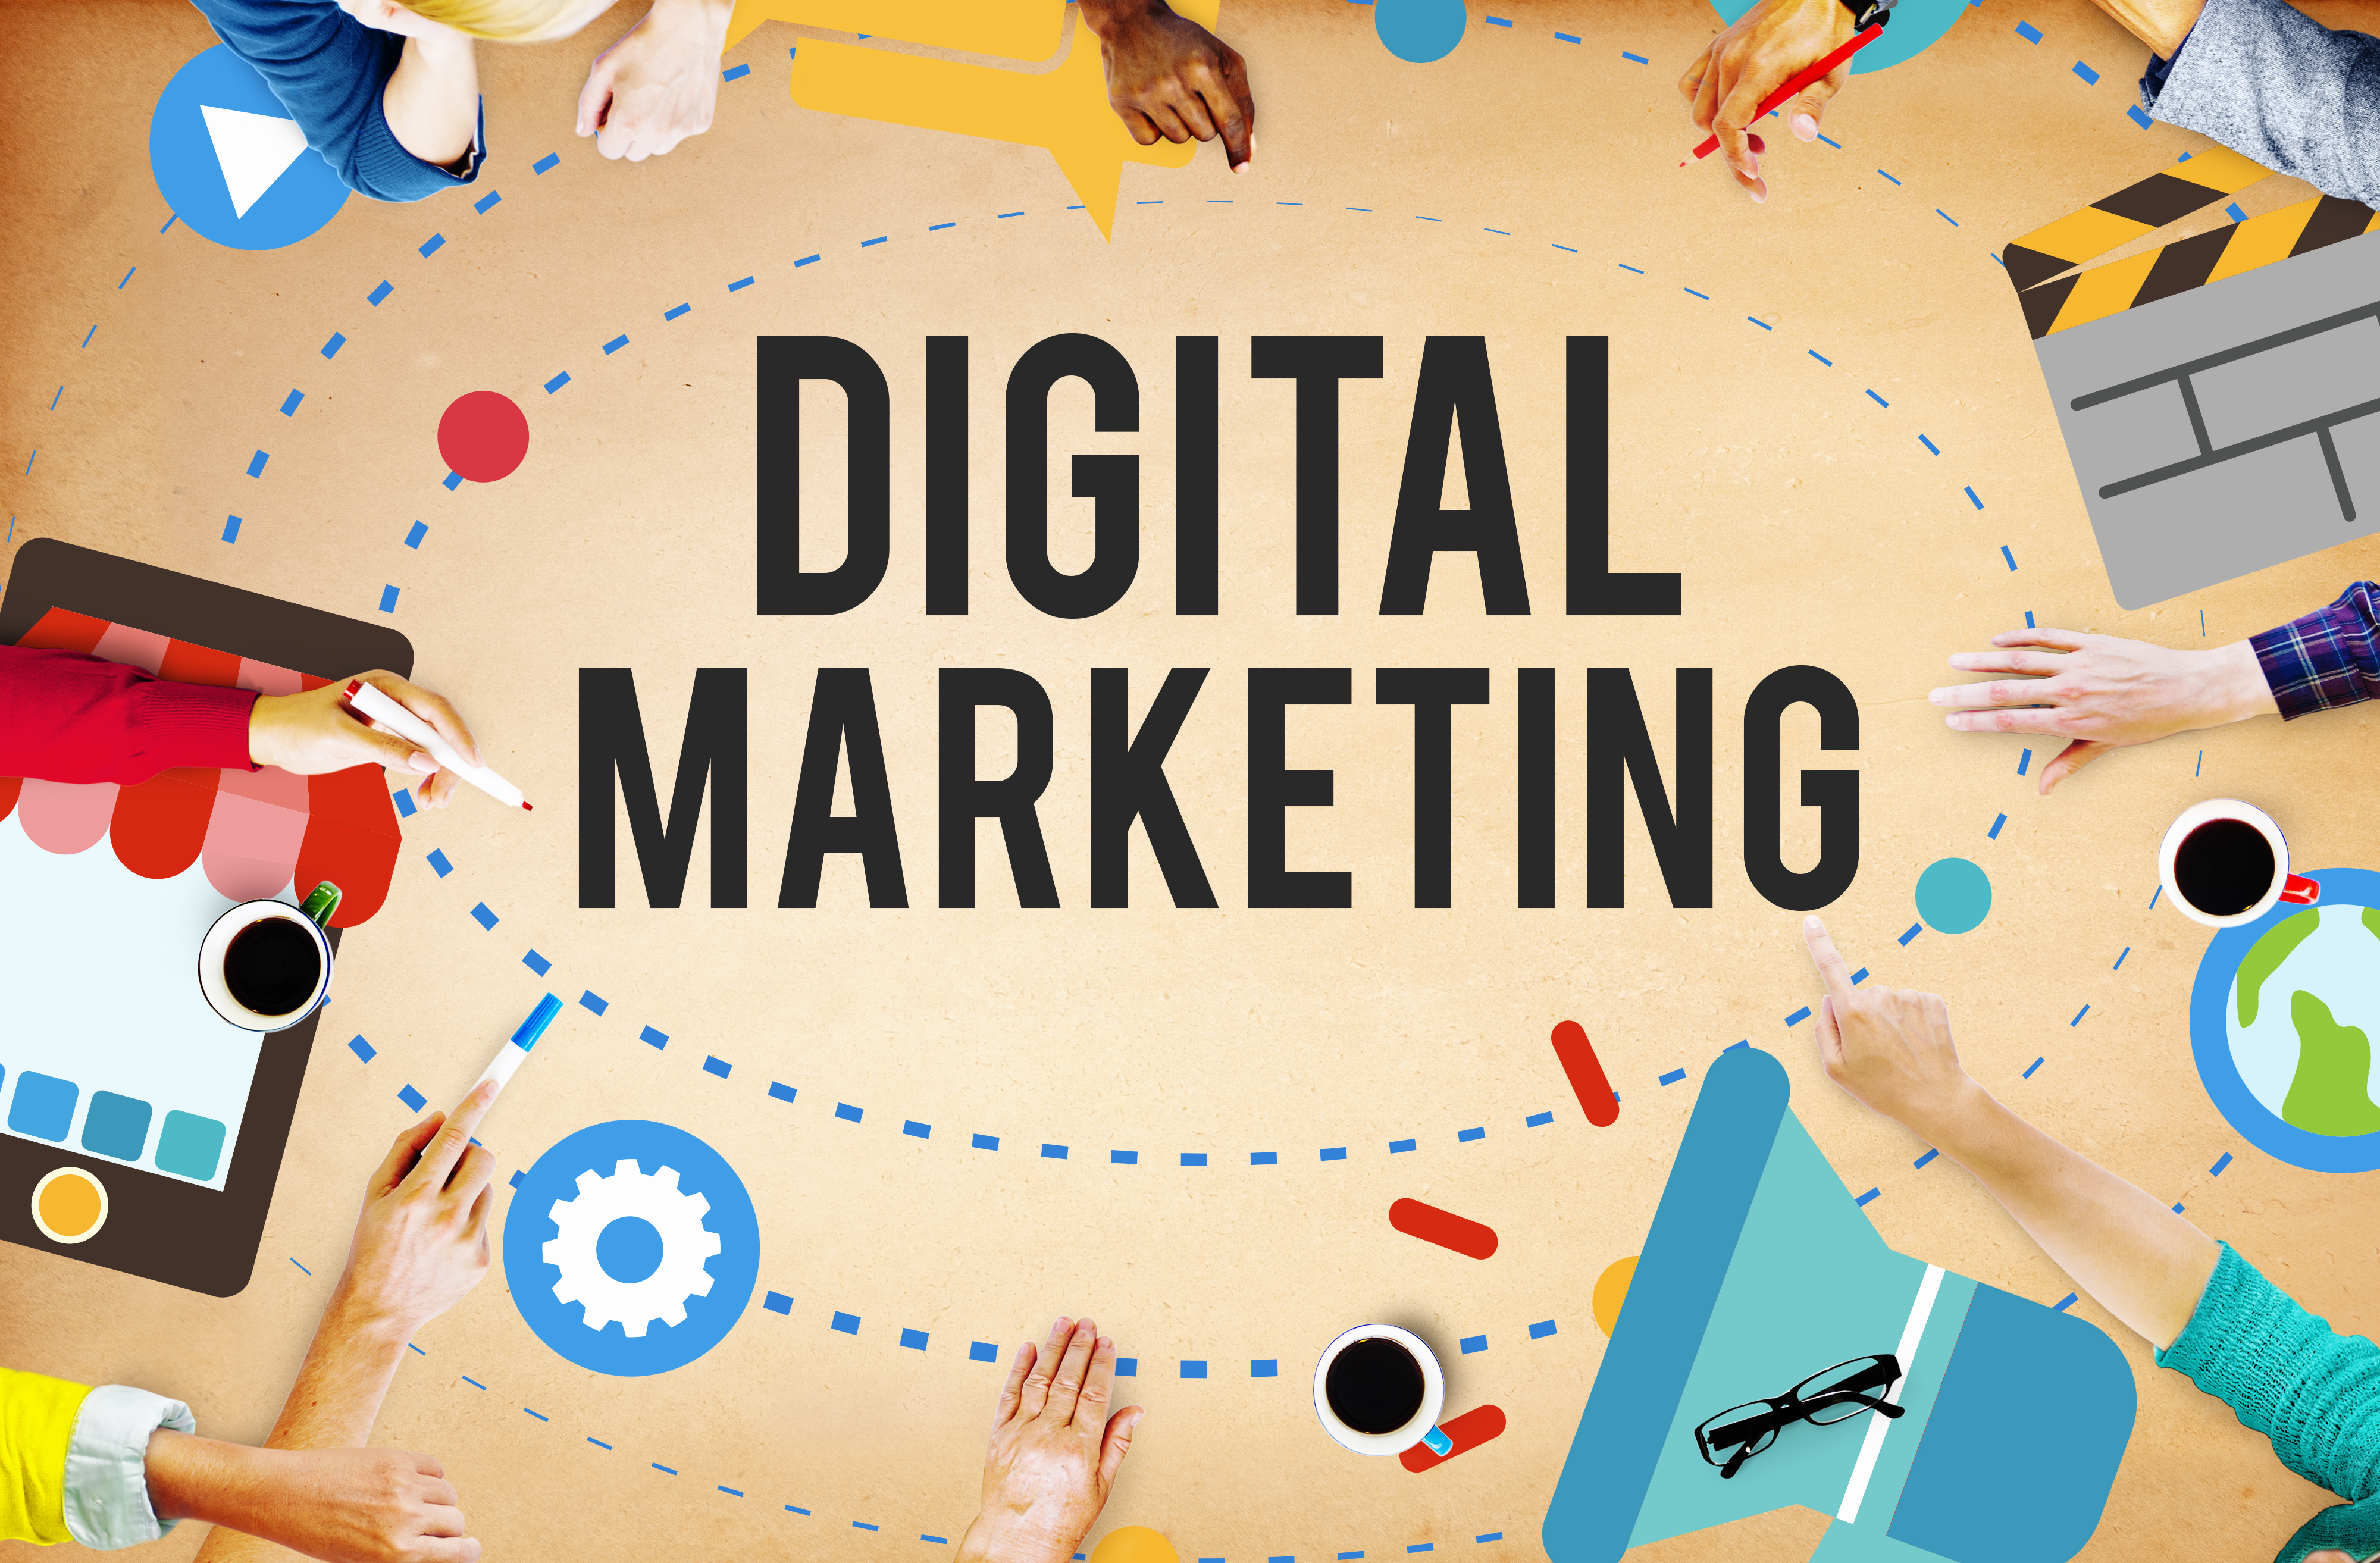 Vậy Digital Marketing là gì?